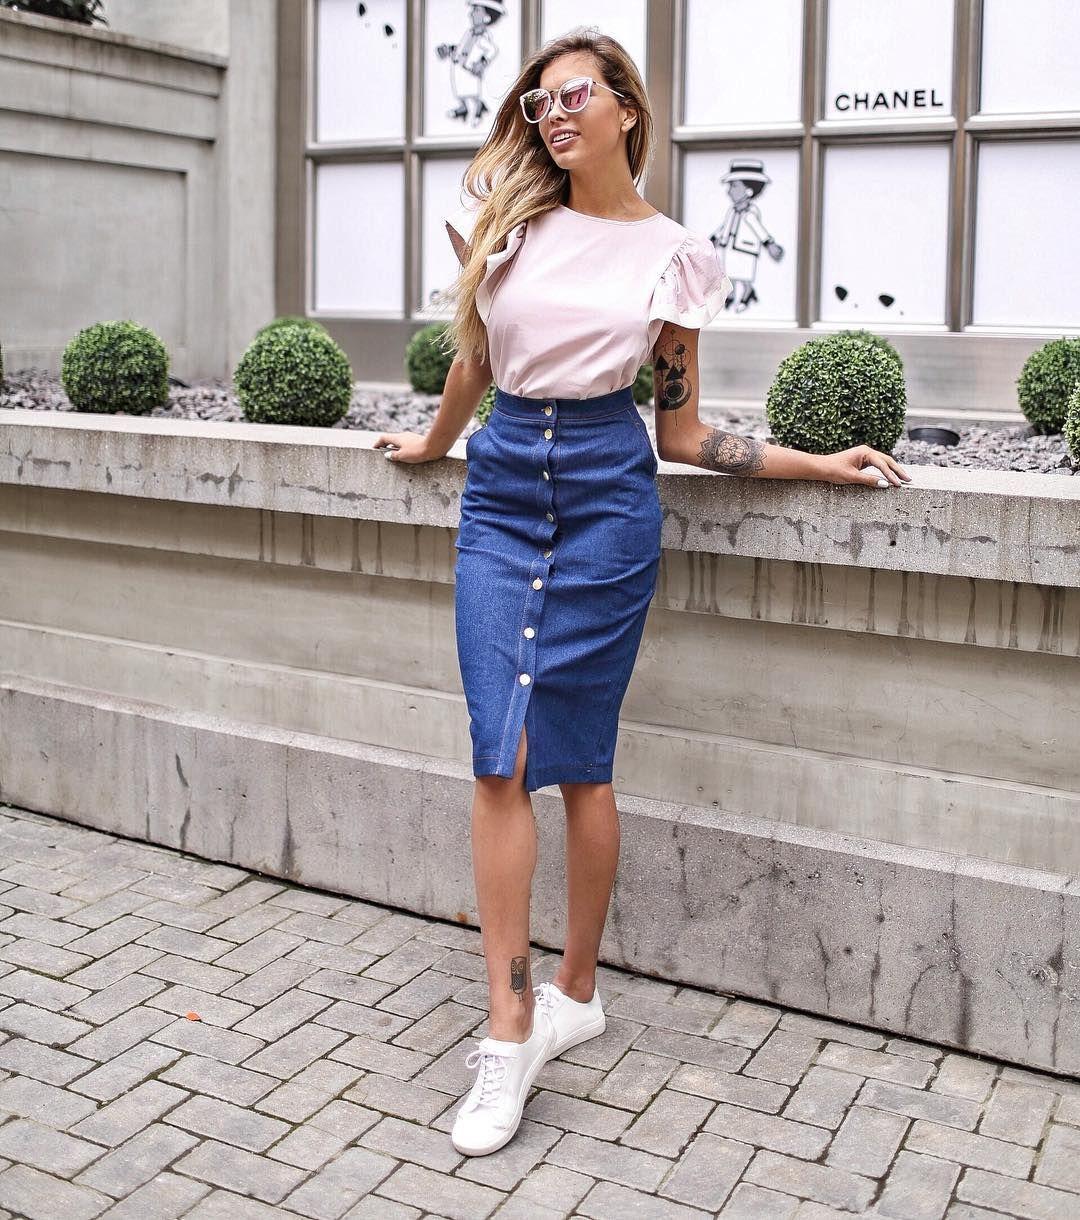 джинсовая юбка карандаш фото 9